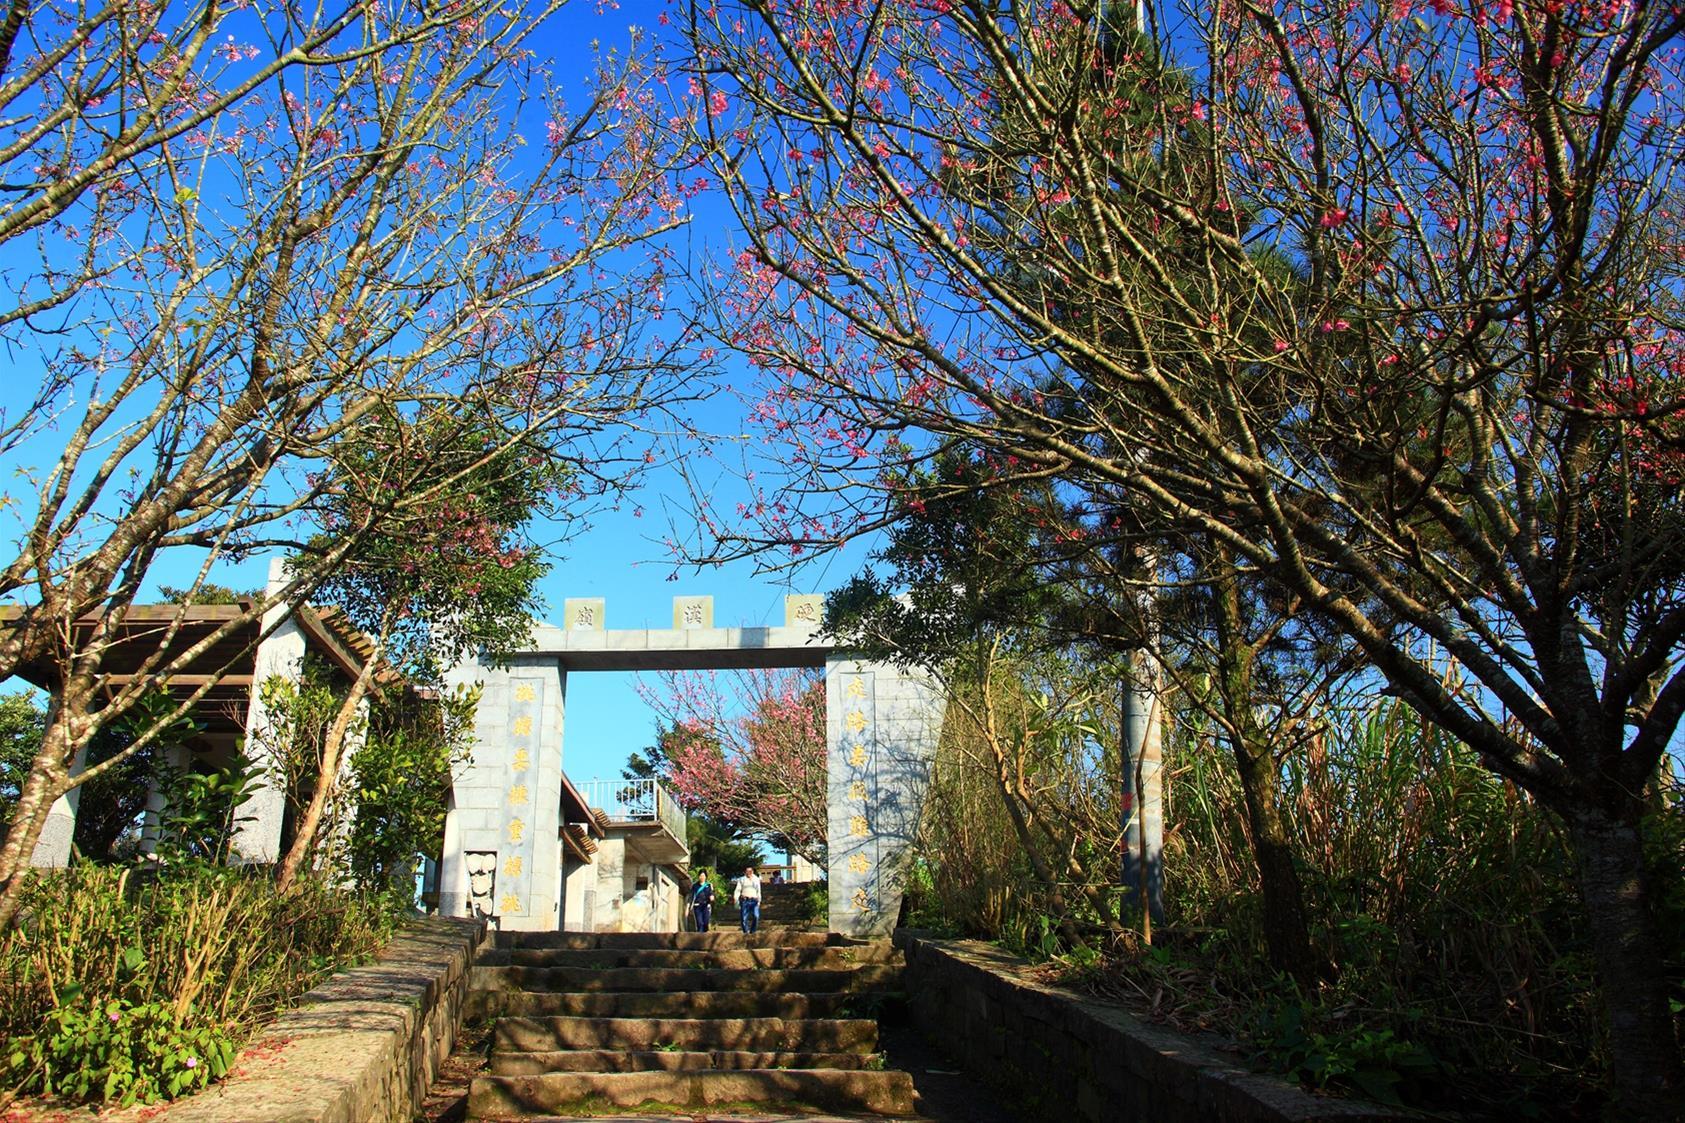 硬漢嶺步道(圖片來源:北海岸及觀音山國家風景區)